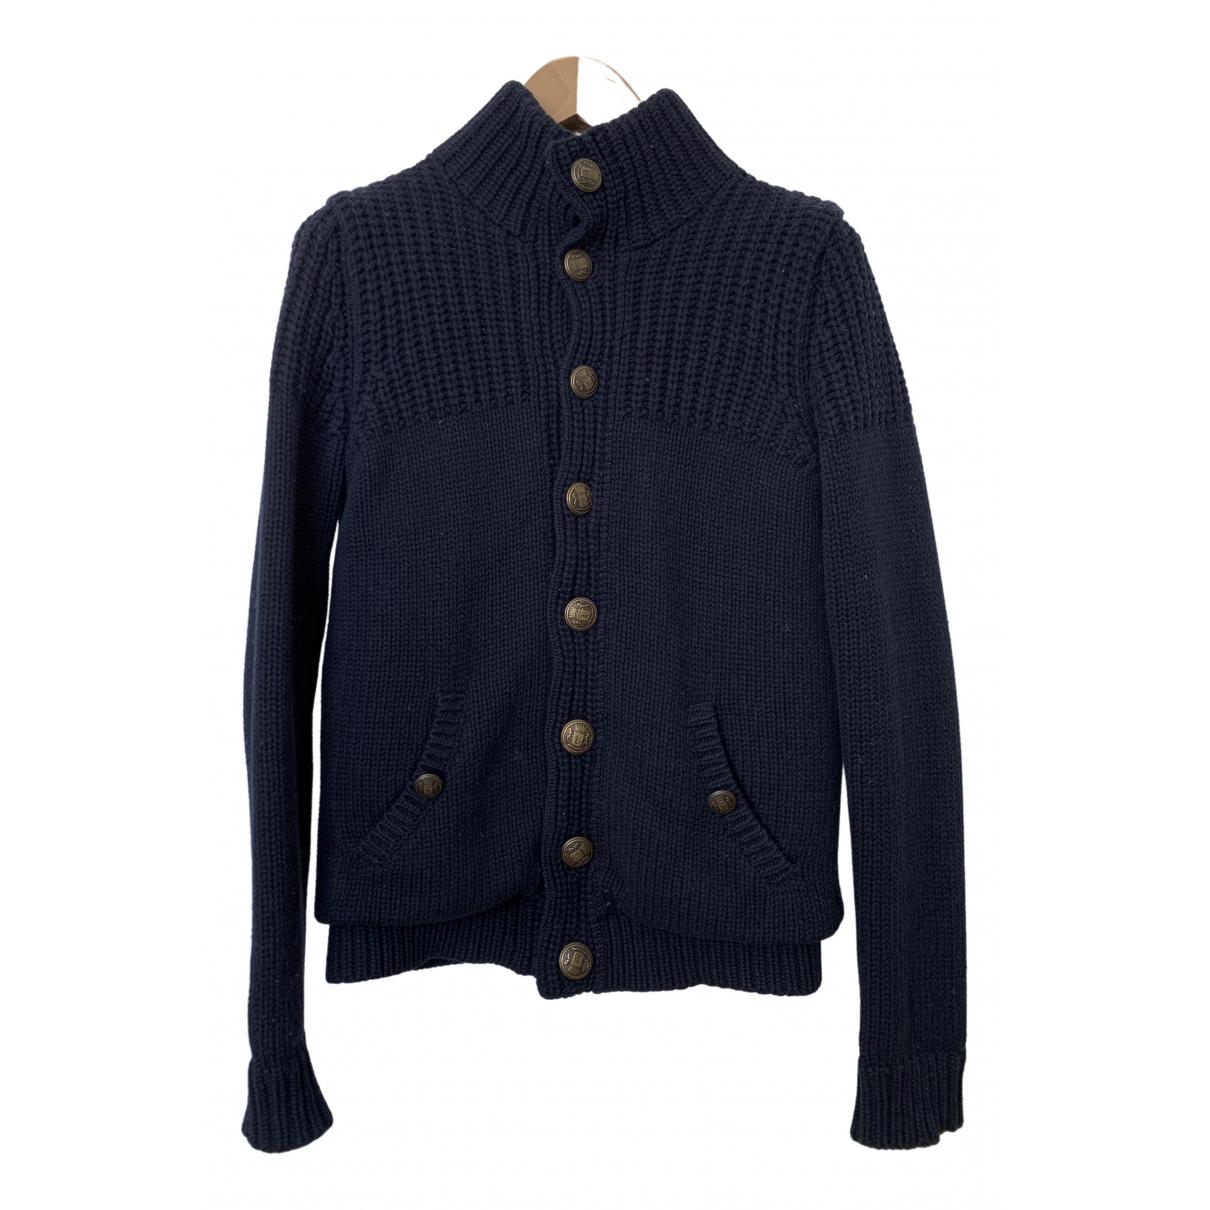 Boggi - Pulls.Gilets.Sweats   pour homme en laine - marine